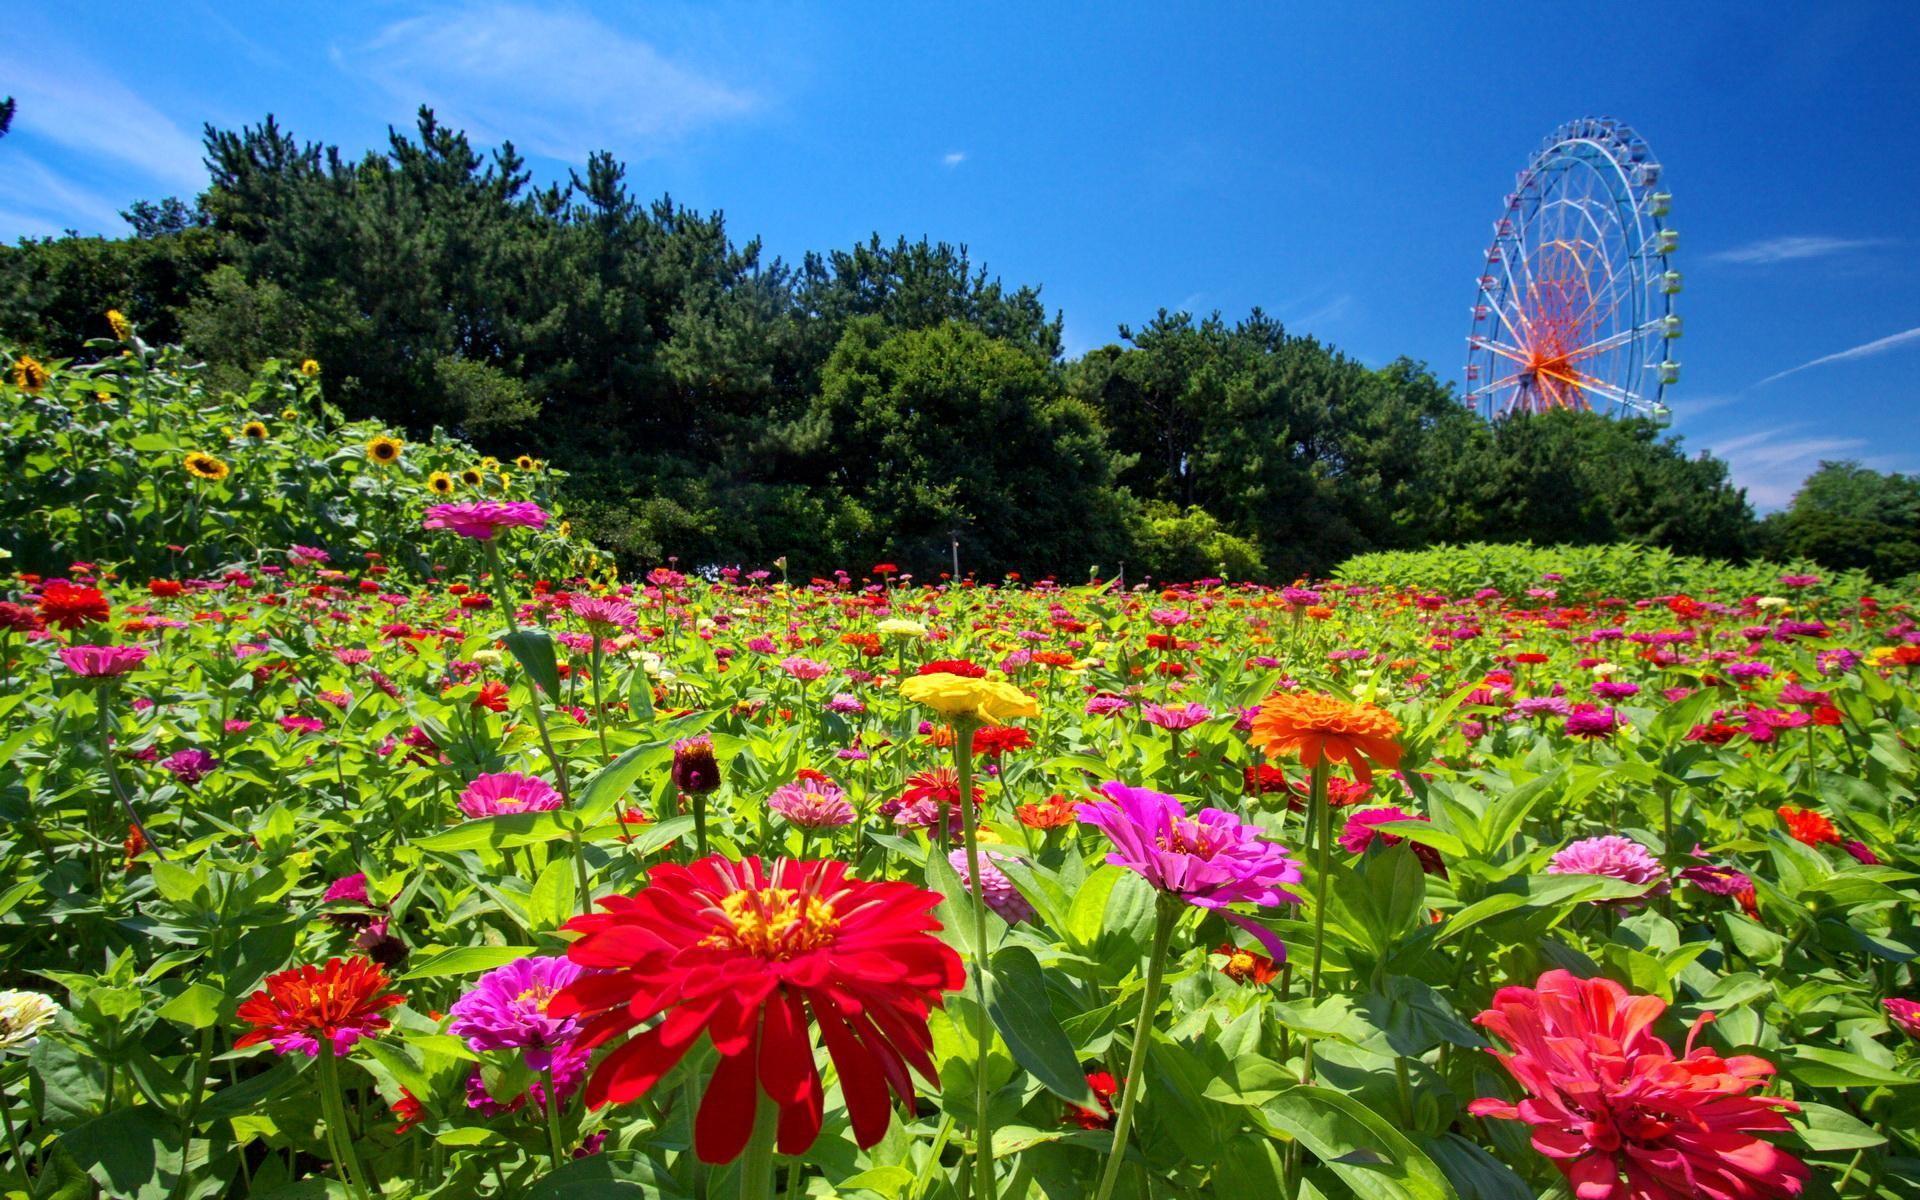 Sfondi full hd desktop fiori 86 immagini for Sfondi desktop fiori